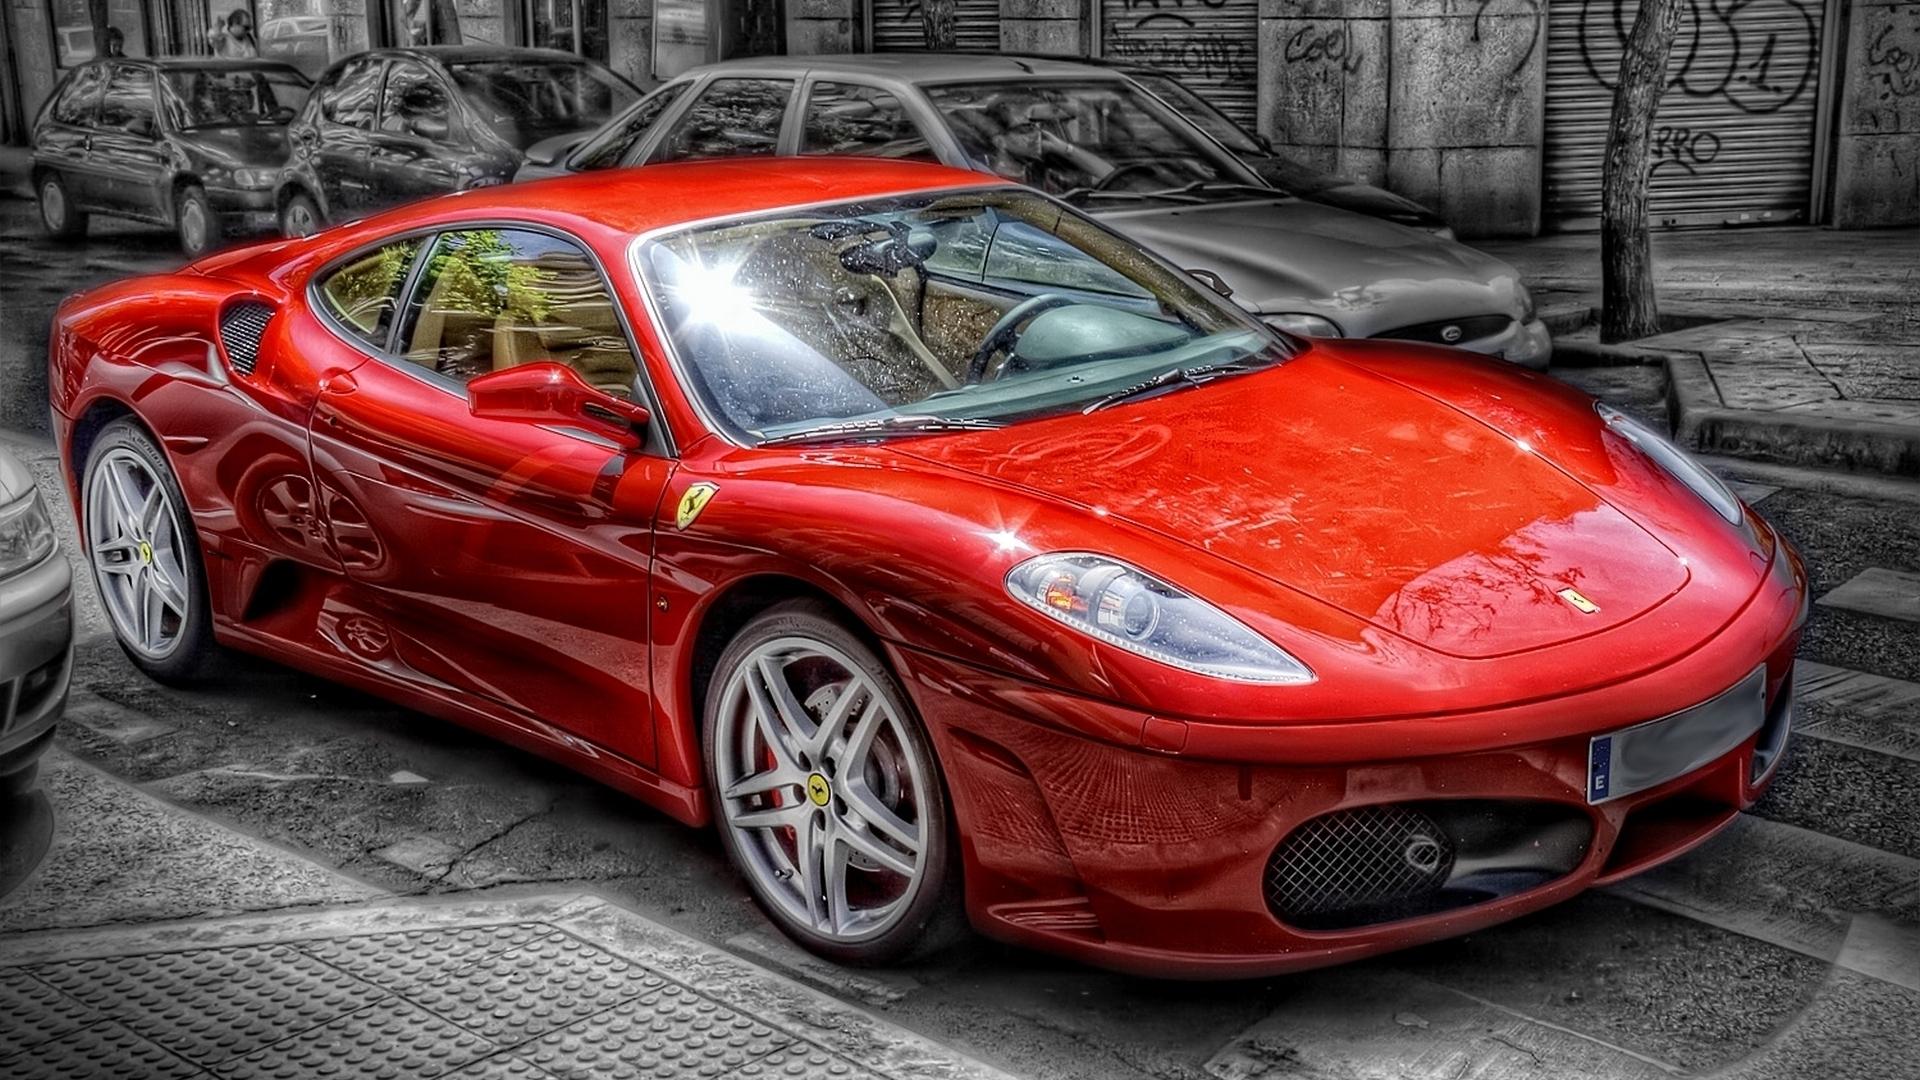 45262 скачать обои Транспорт, Машины, Феррари (Ferrari) - заставки и картинки бесплатно